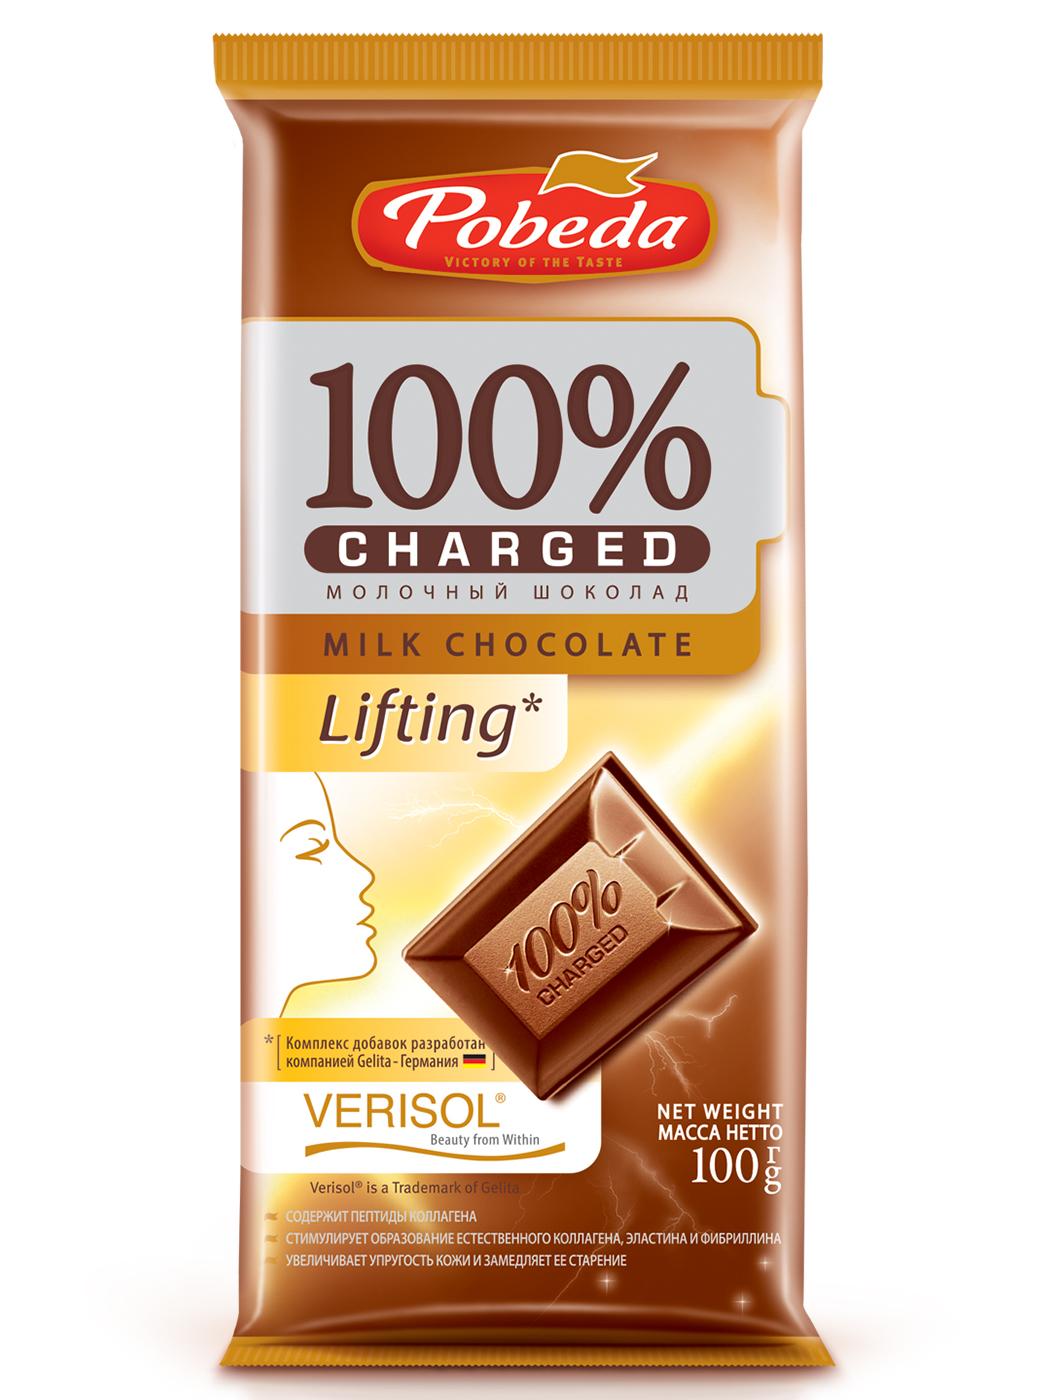 Шоколад молочный Победа Вкуса чаржед лифтинг фото